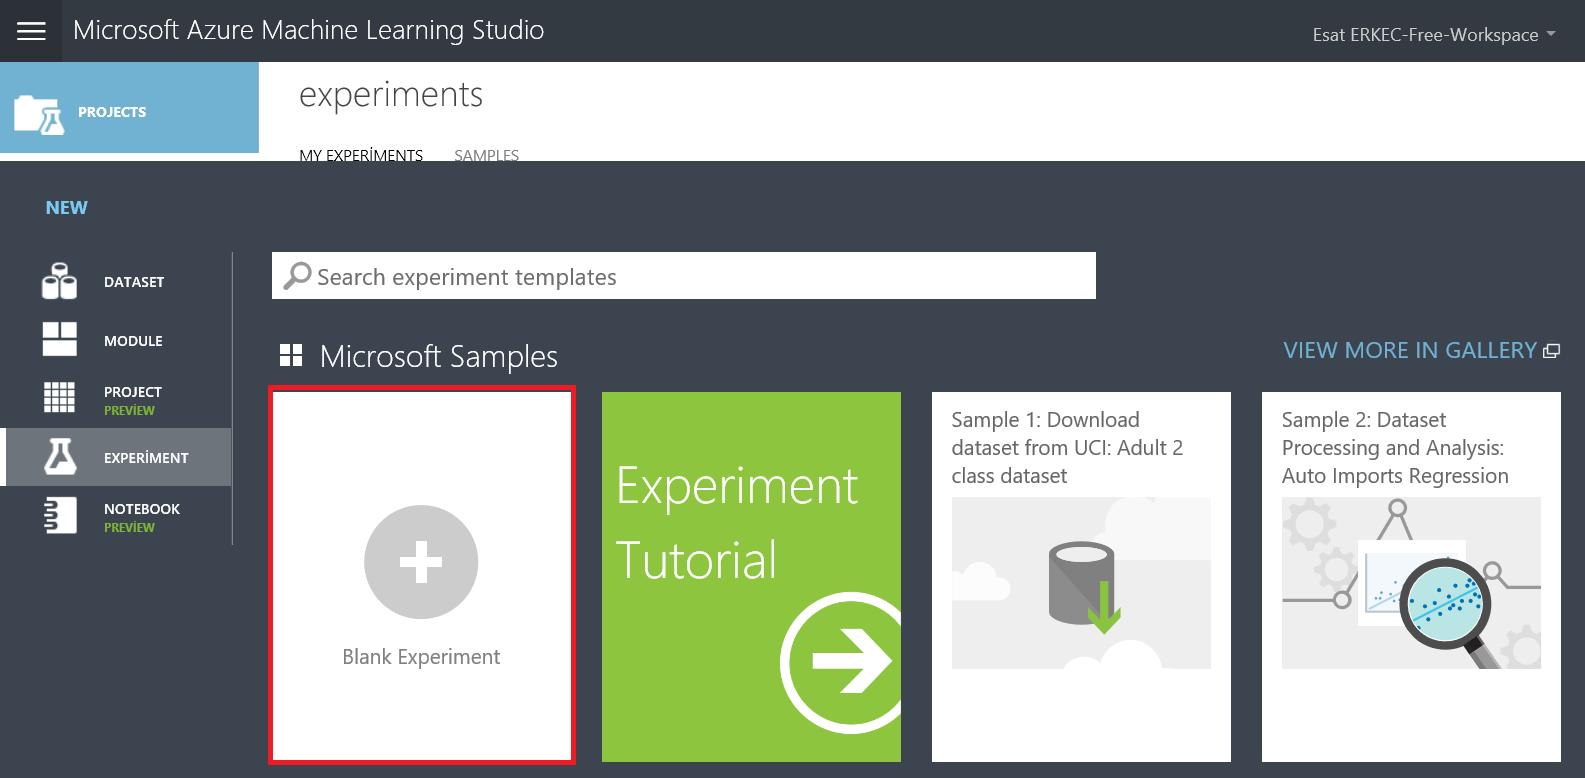 Experiments in Azure ML Studio